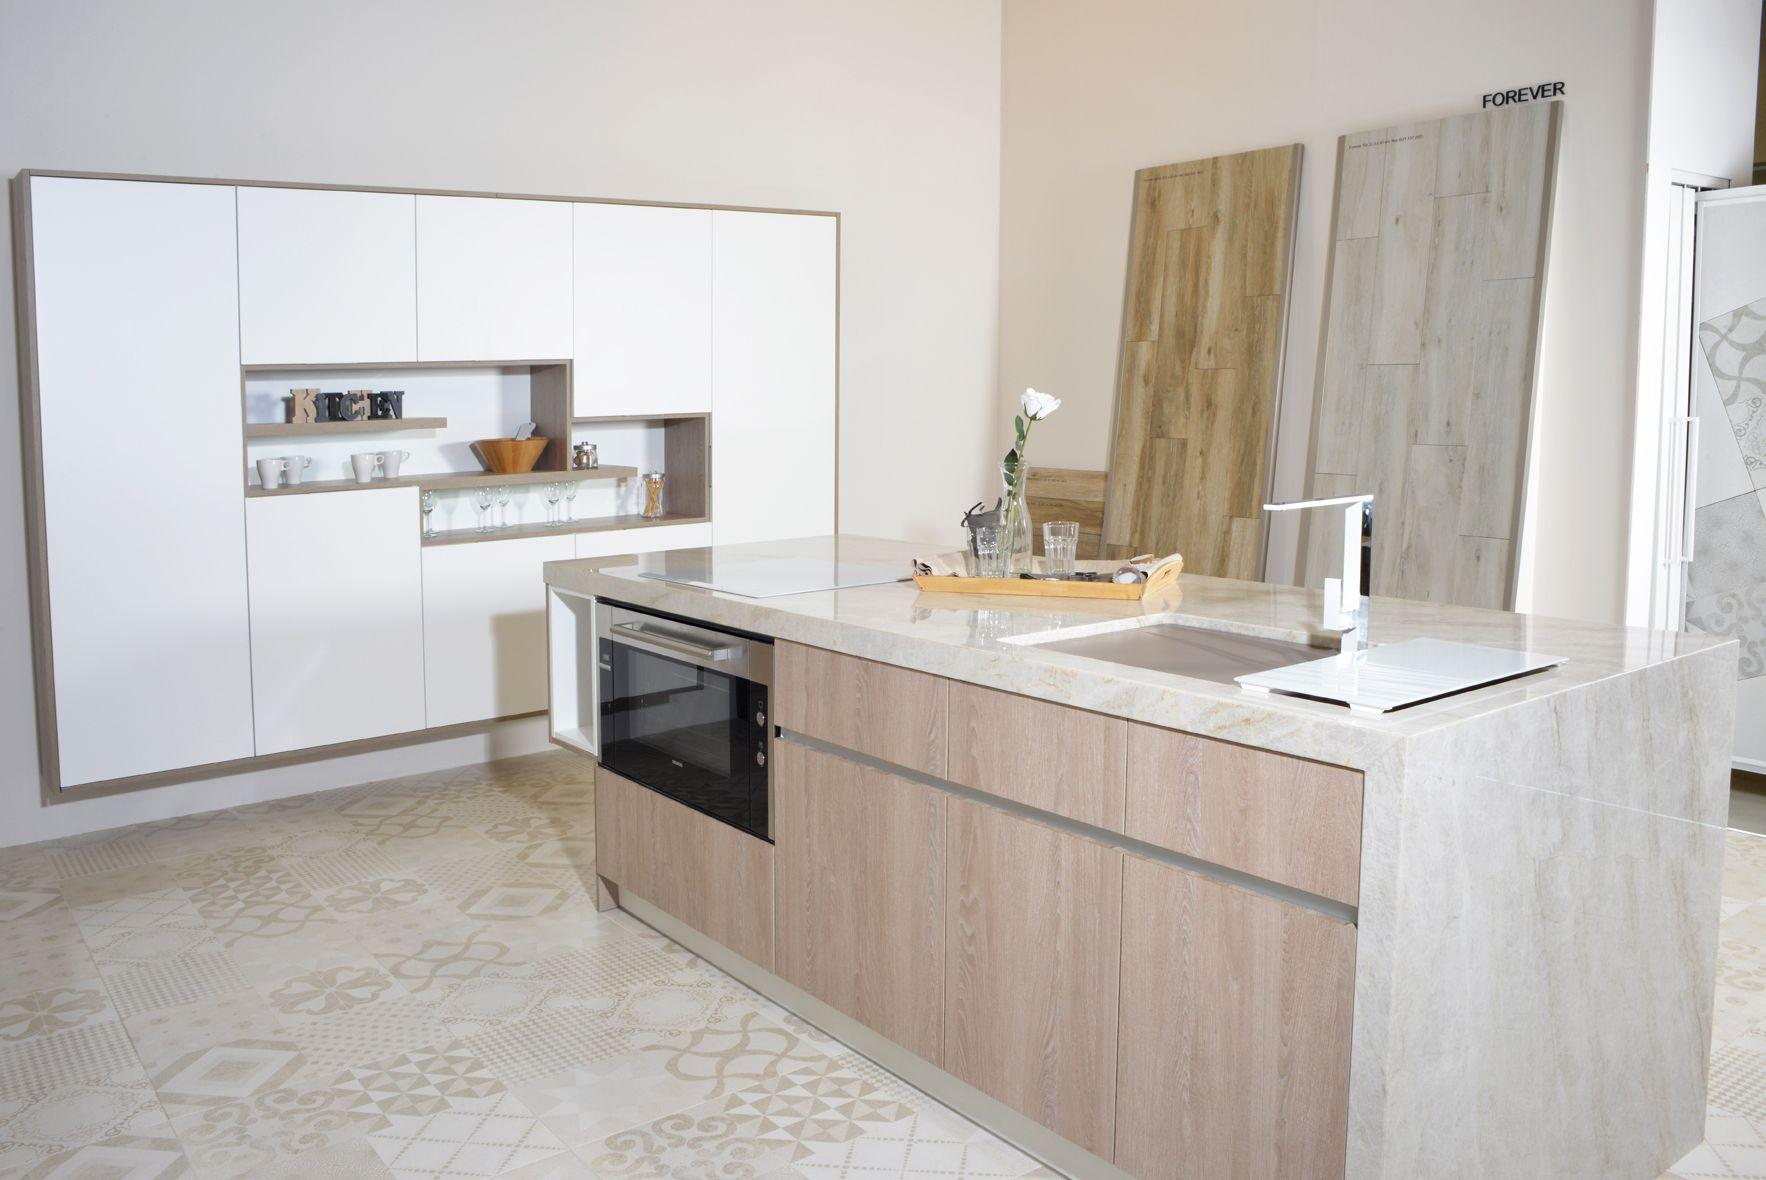 tile porcelanico en x cemento cement ceramica tile kitchen x cm cocina kitchen microwave microwave oven